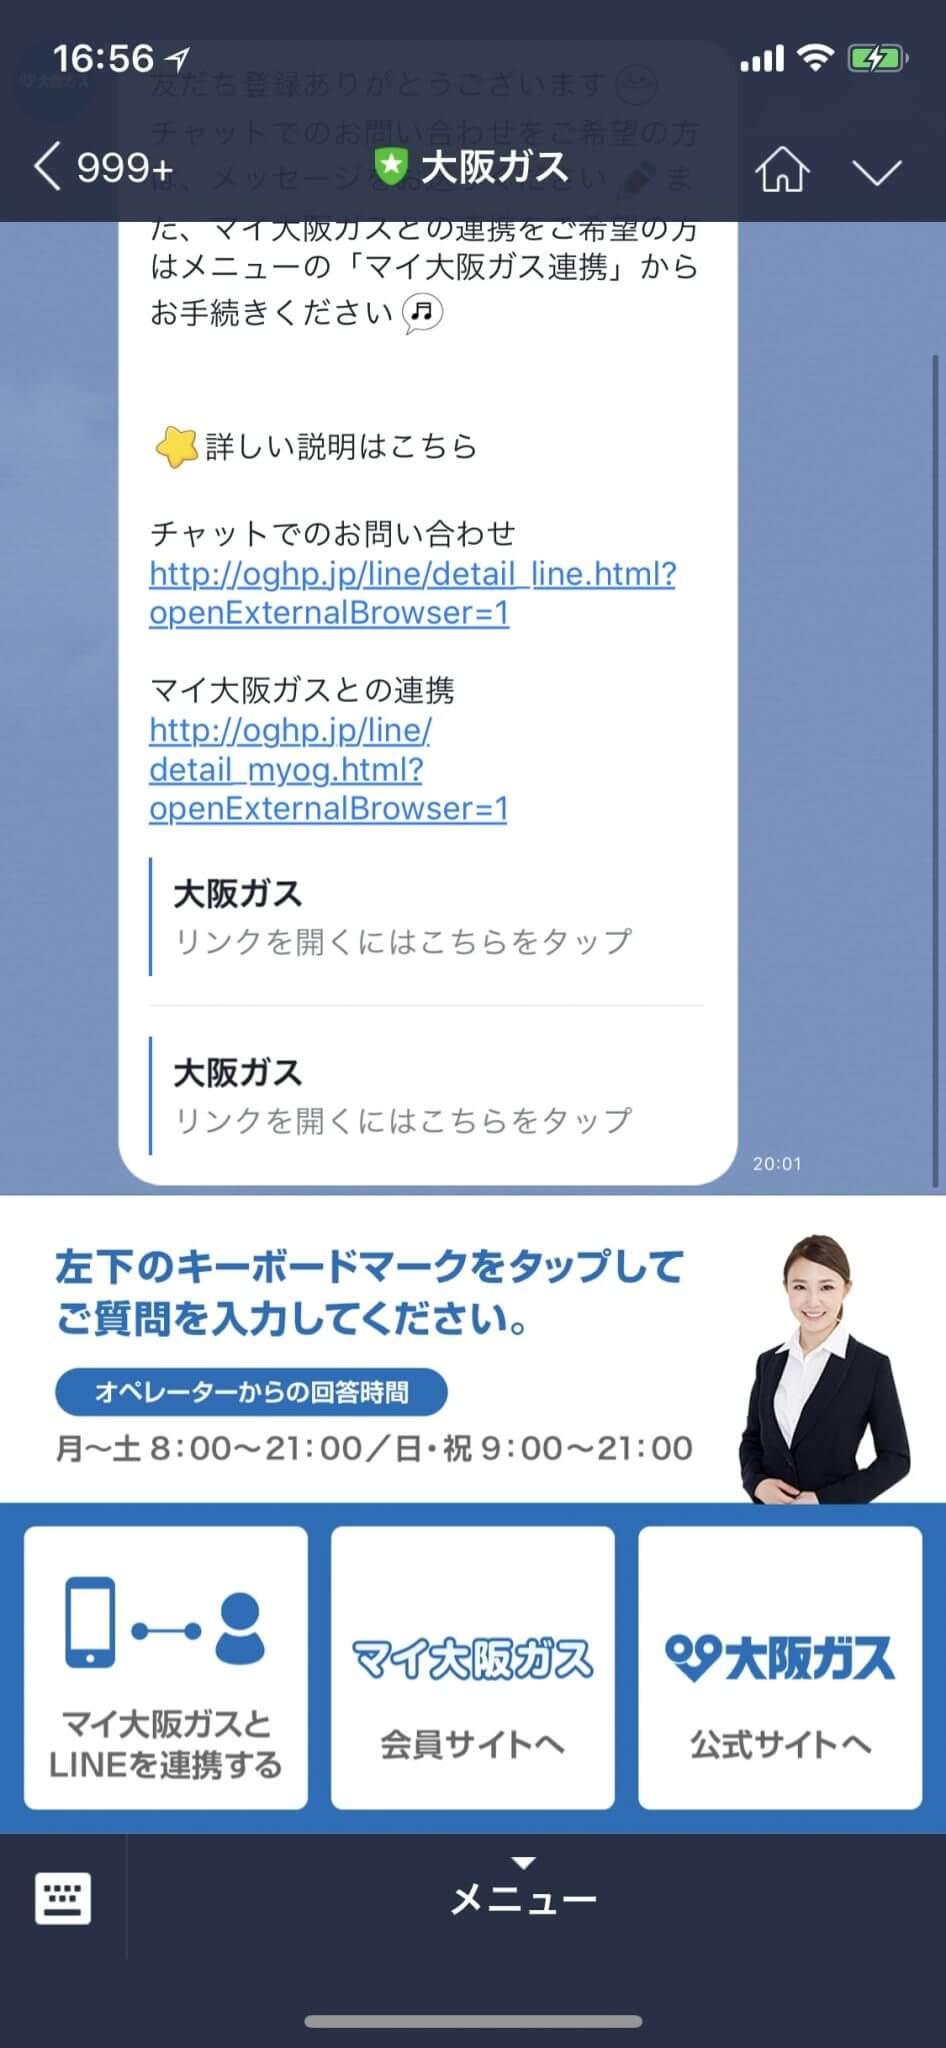 【インフラ】大阪ガス